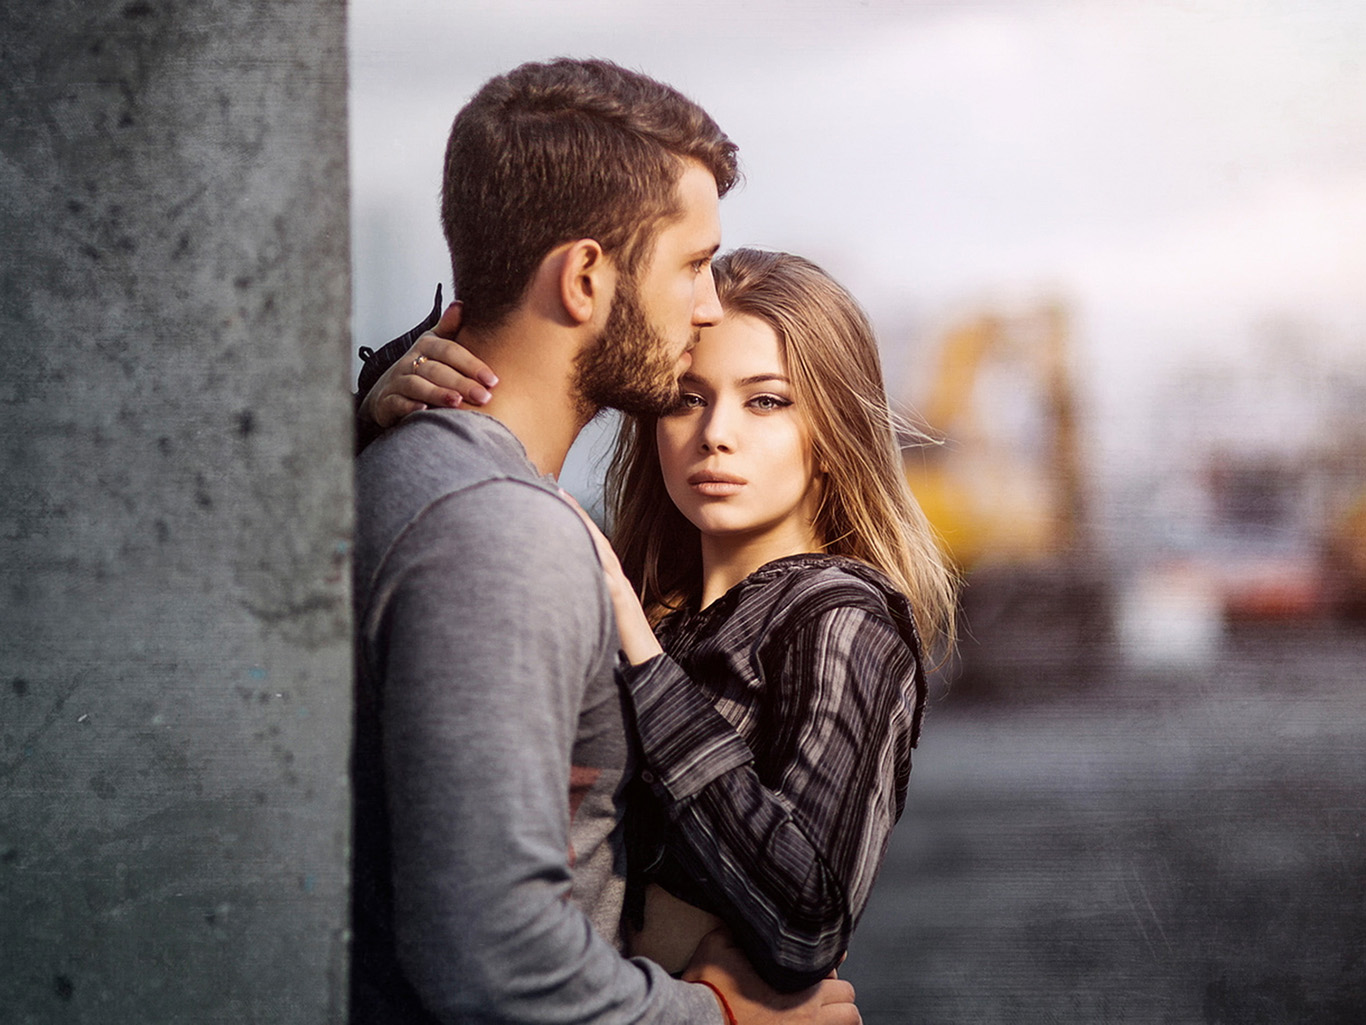 Постоянный секс в отношениях плохо ли это